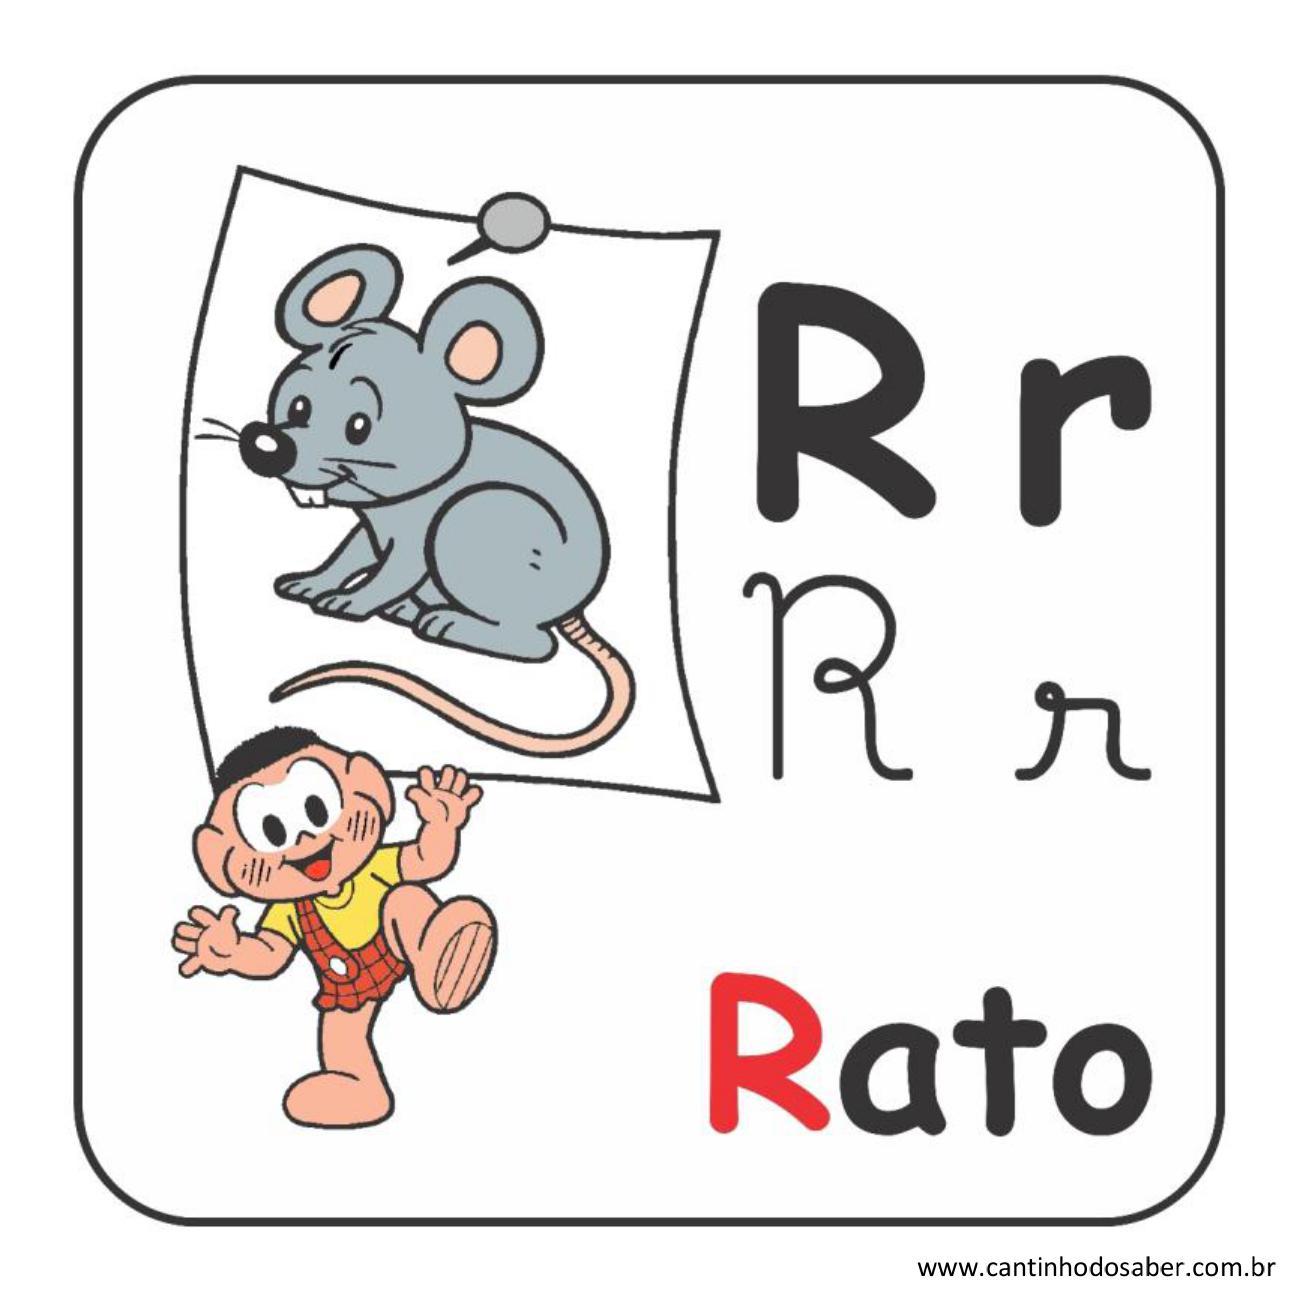 Alfabeto da turma da mônica em letra bastão e cursiva letra r